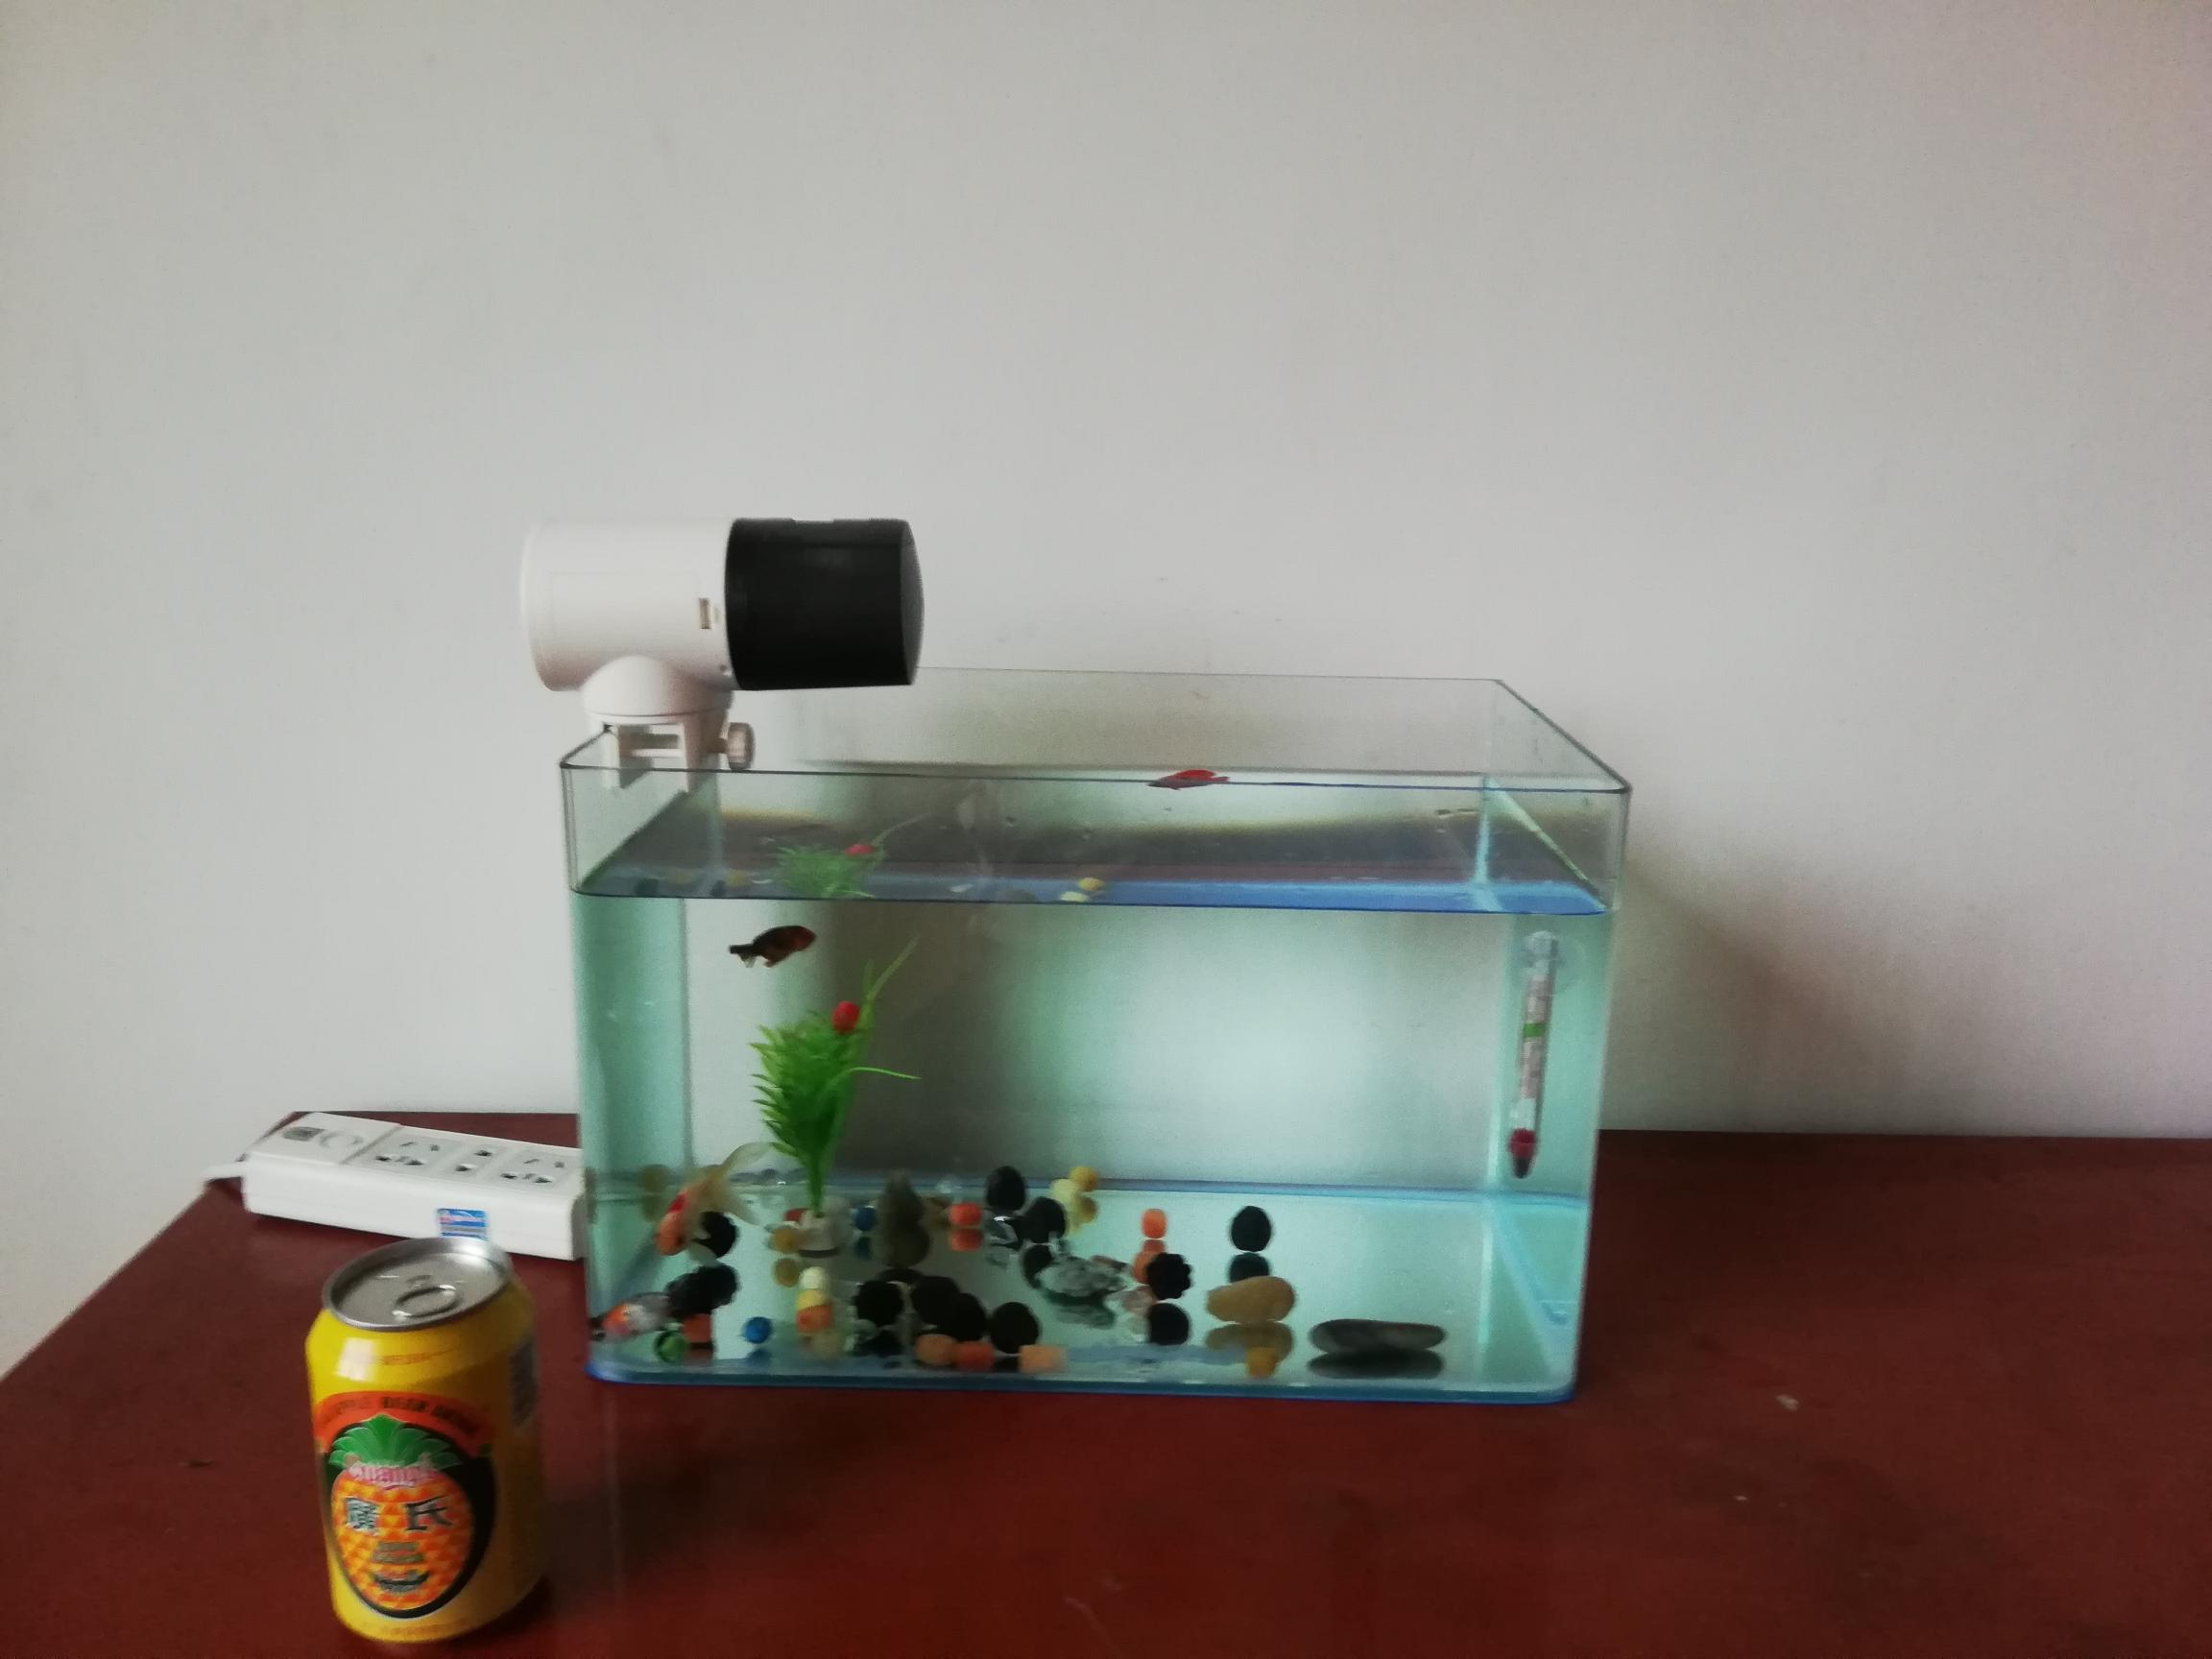 土炮箱暂弃床下热弯小缸刚刚到货 龙鱼养殖知识 龙鱼饲料第5张